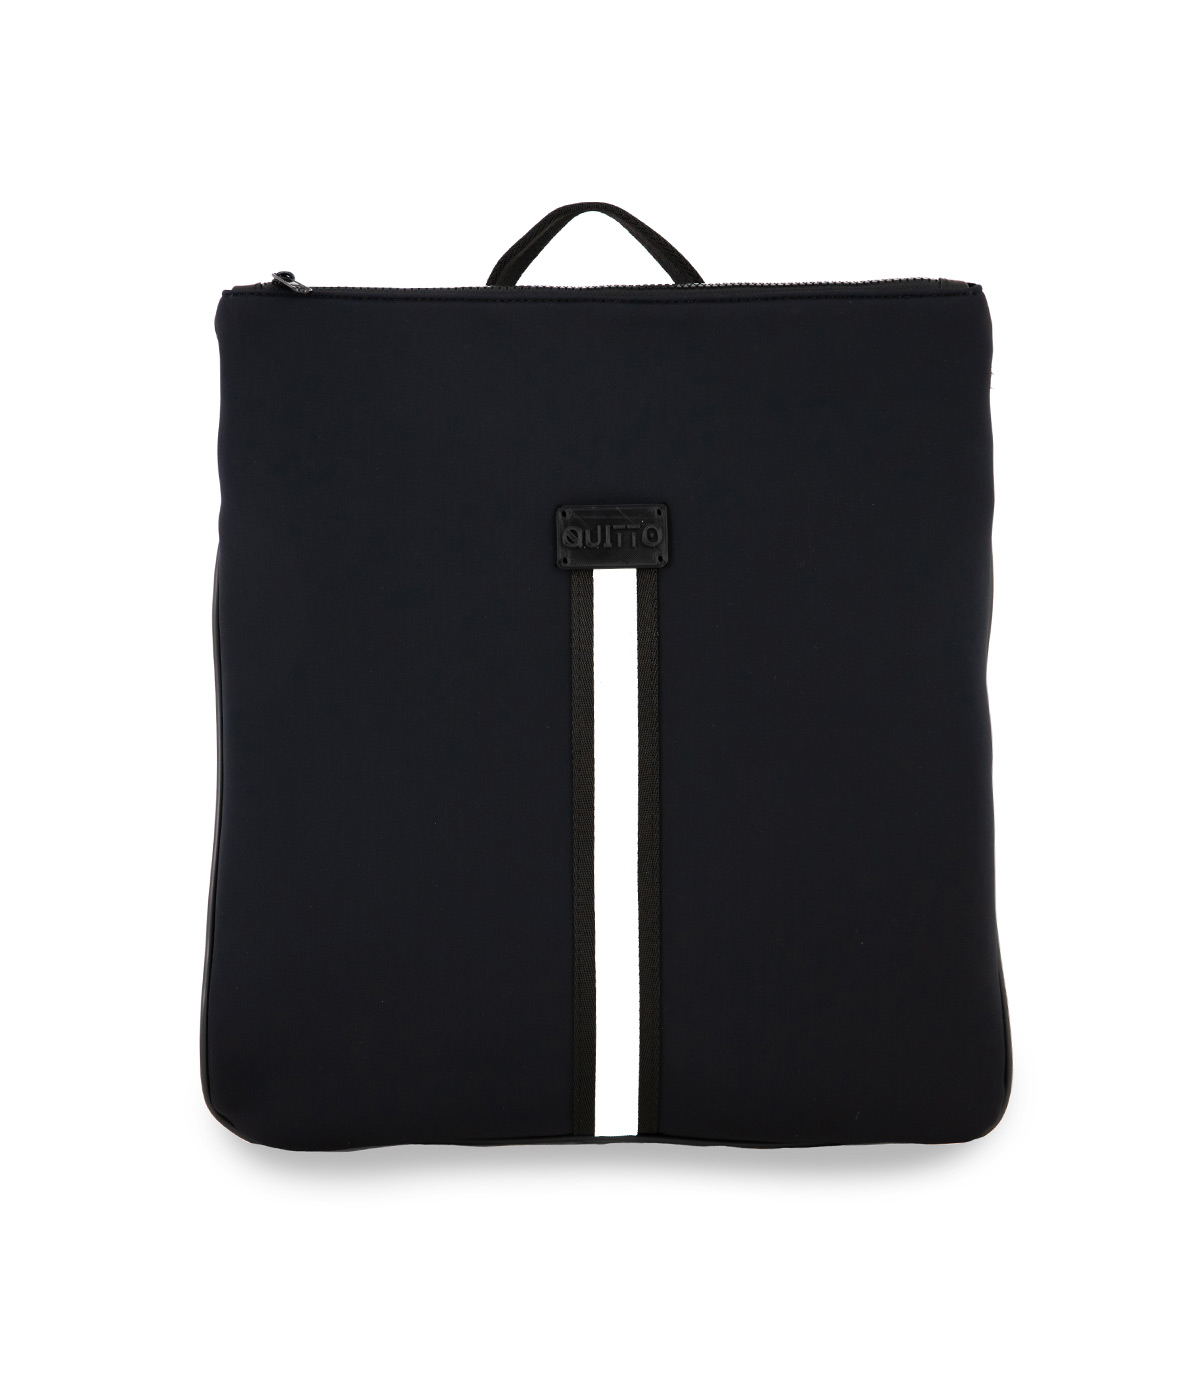 Zaino Porta Pc Neoprene Impermeabile Nero Quitto Bags